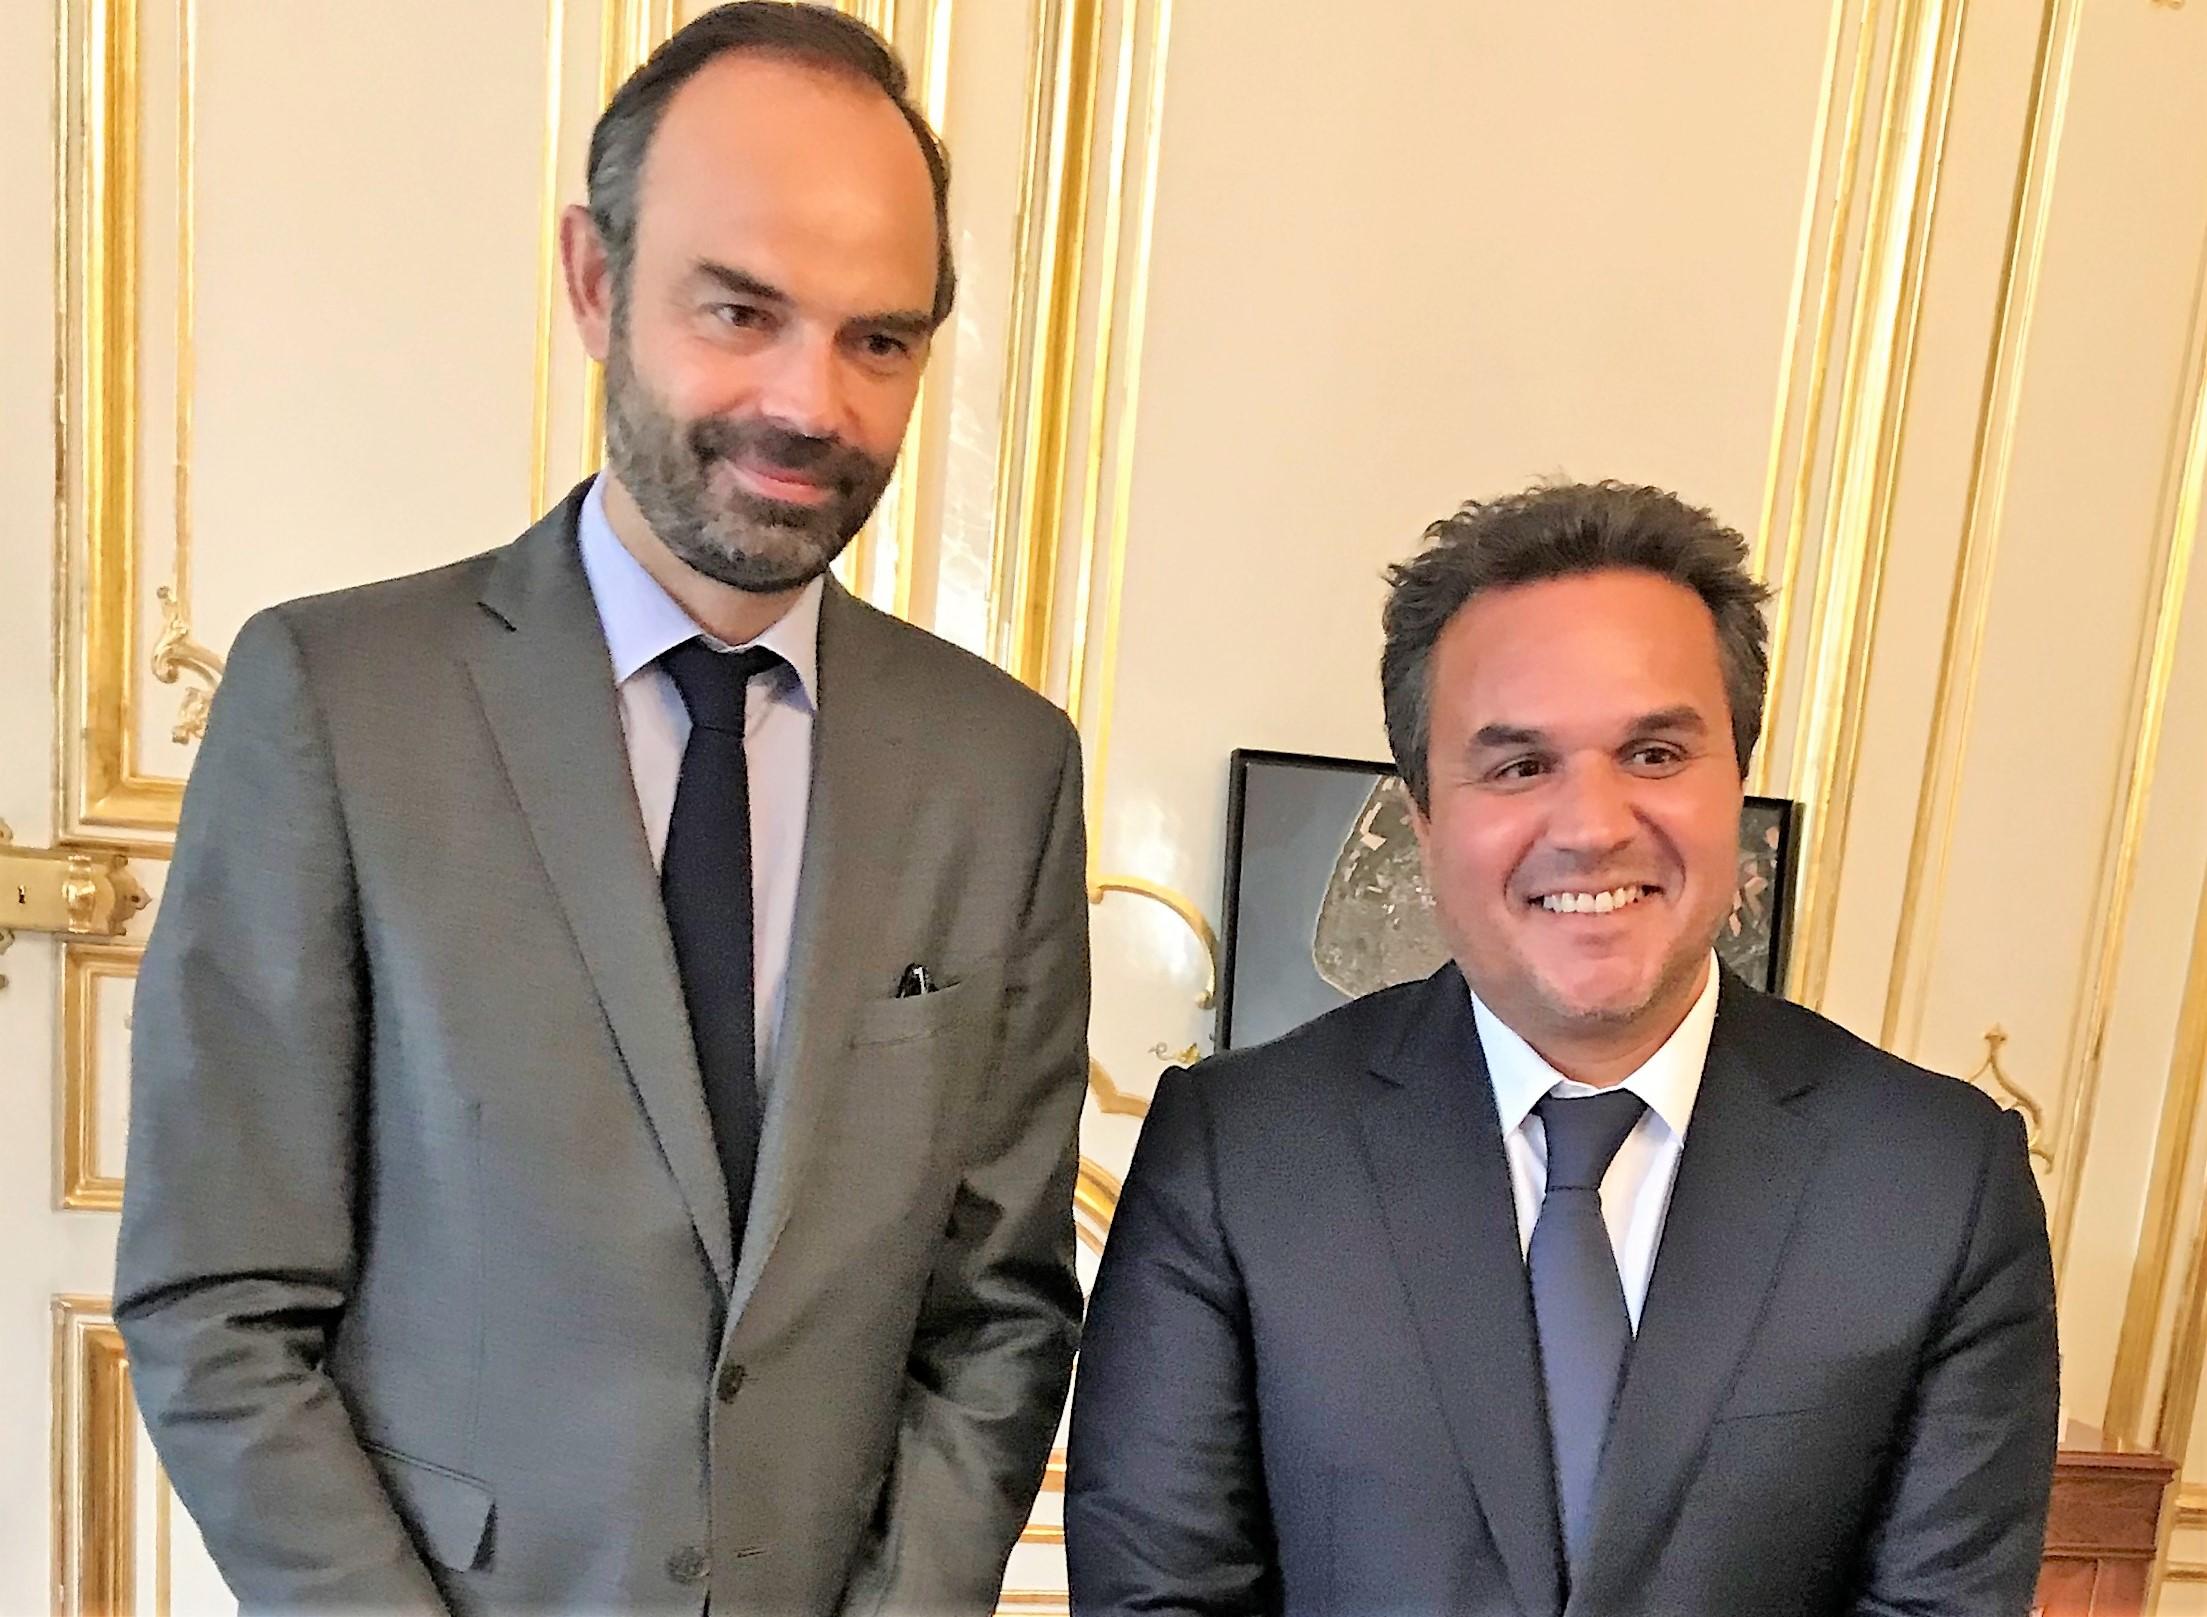 Politique à La Réunion : Reçu à Matignon, Didier Robert souhaite « une contractualisation » du partenariat Etat – Région Réunion